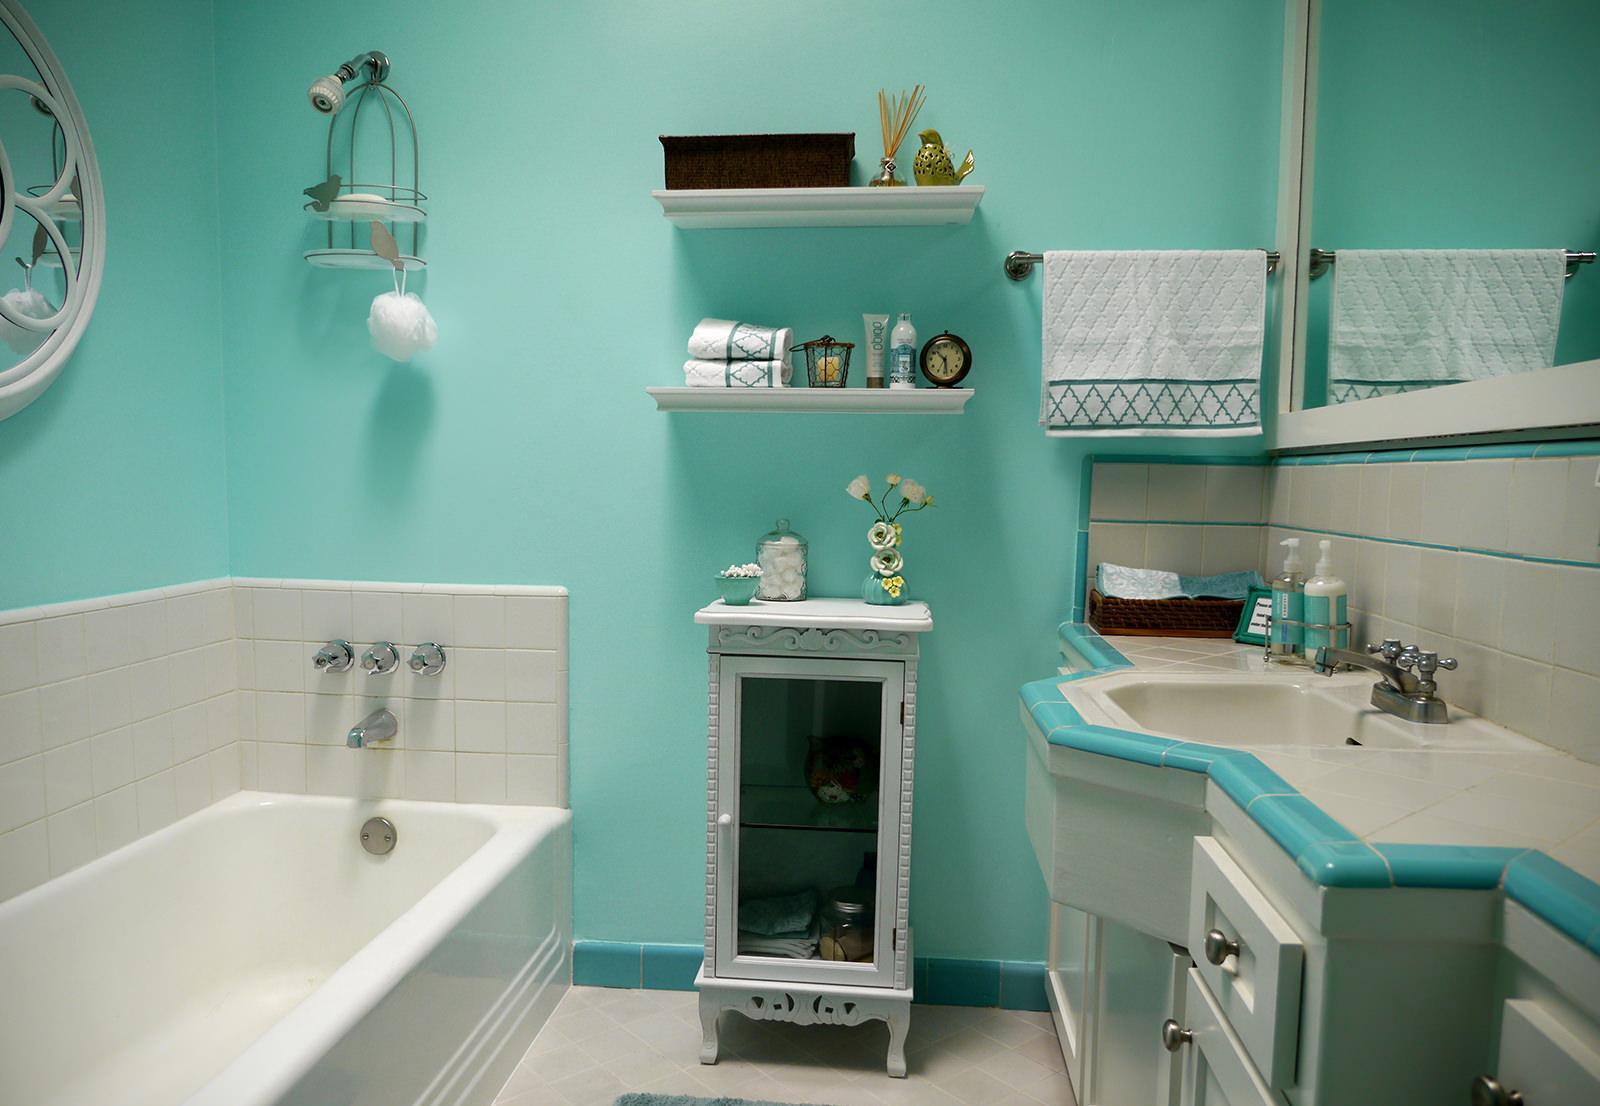 Бирюзово-белый интерьер ванной комнаты